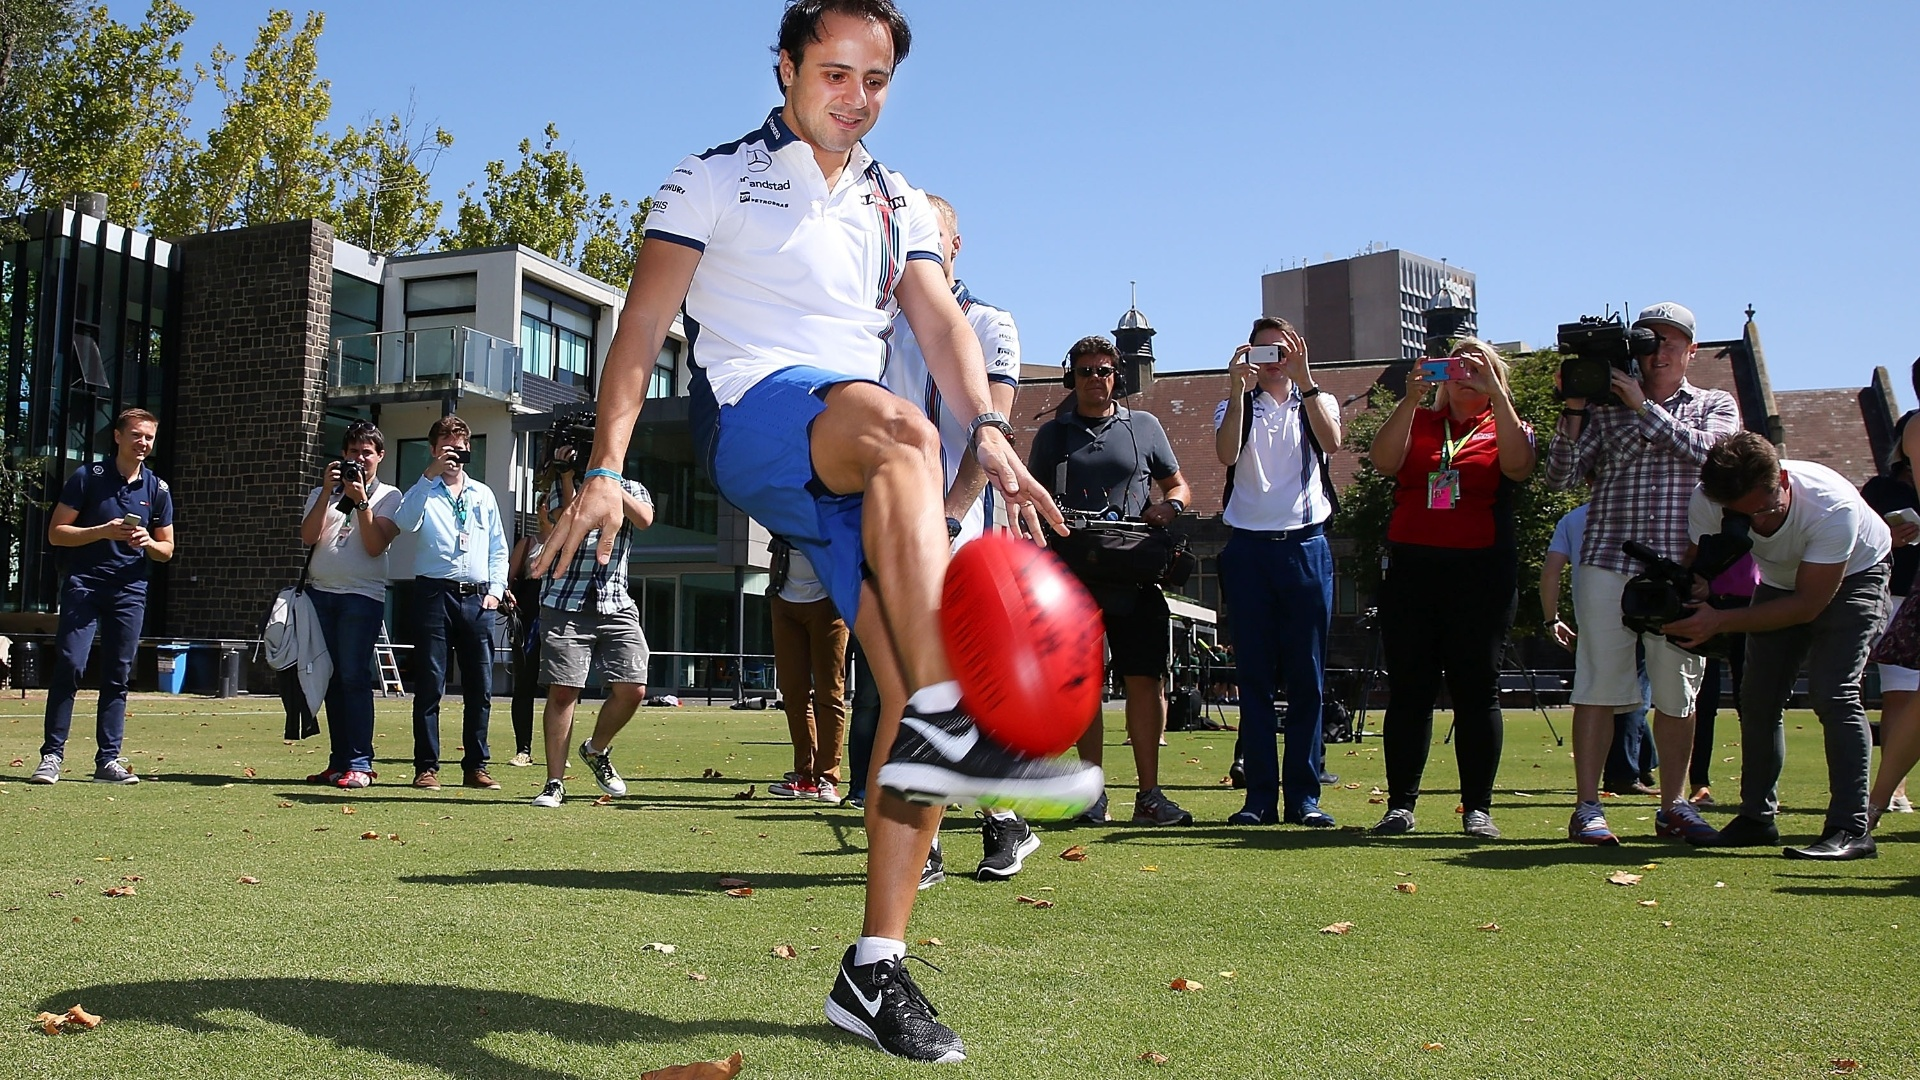 Felipe Massa em evento do GP da Austrália de 2015, com o jogador de futebol australiano Joel Selwood